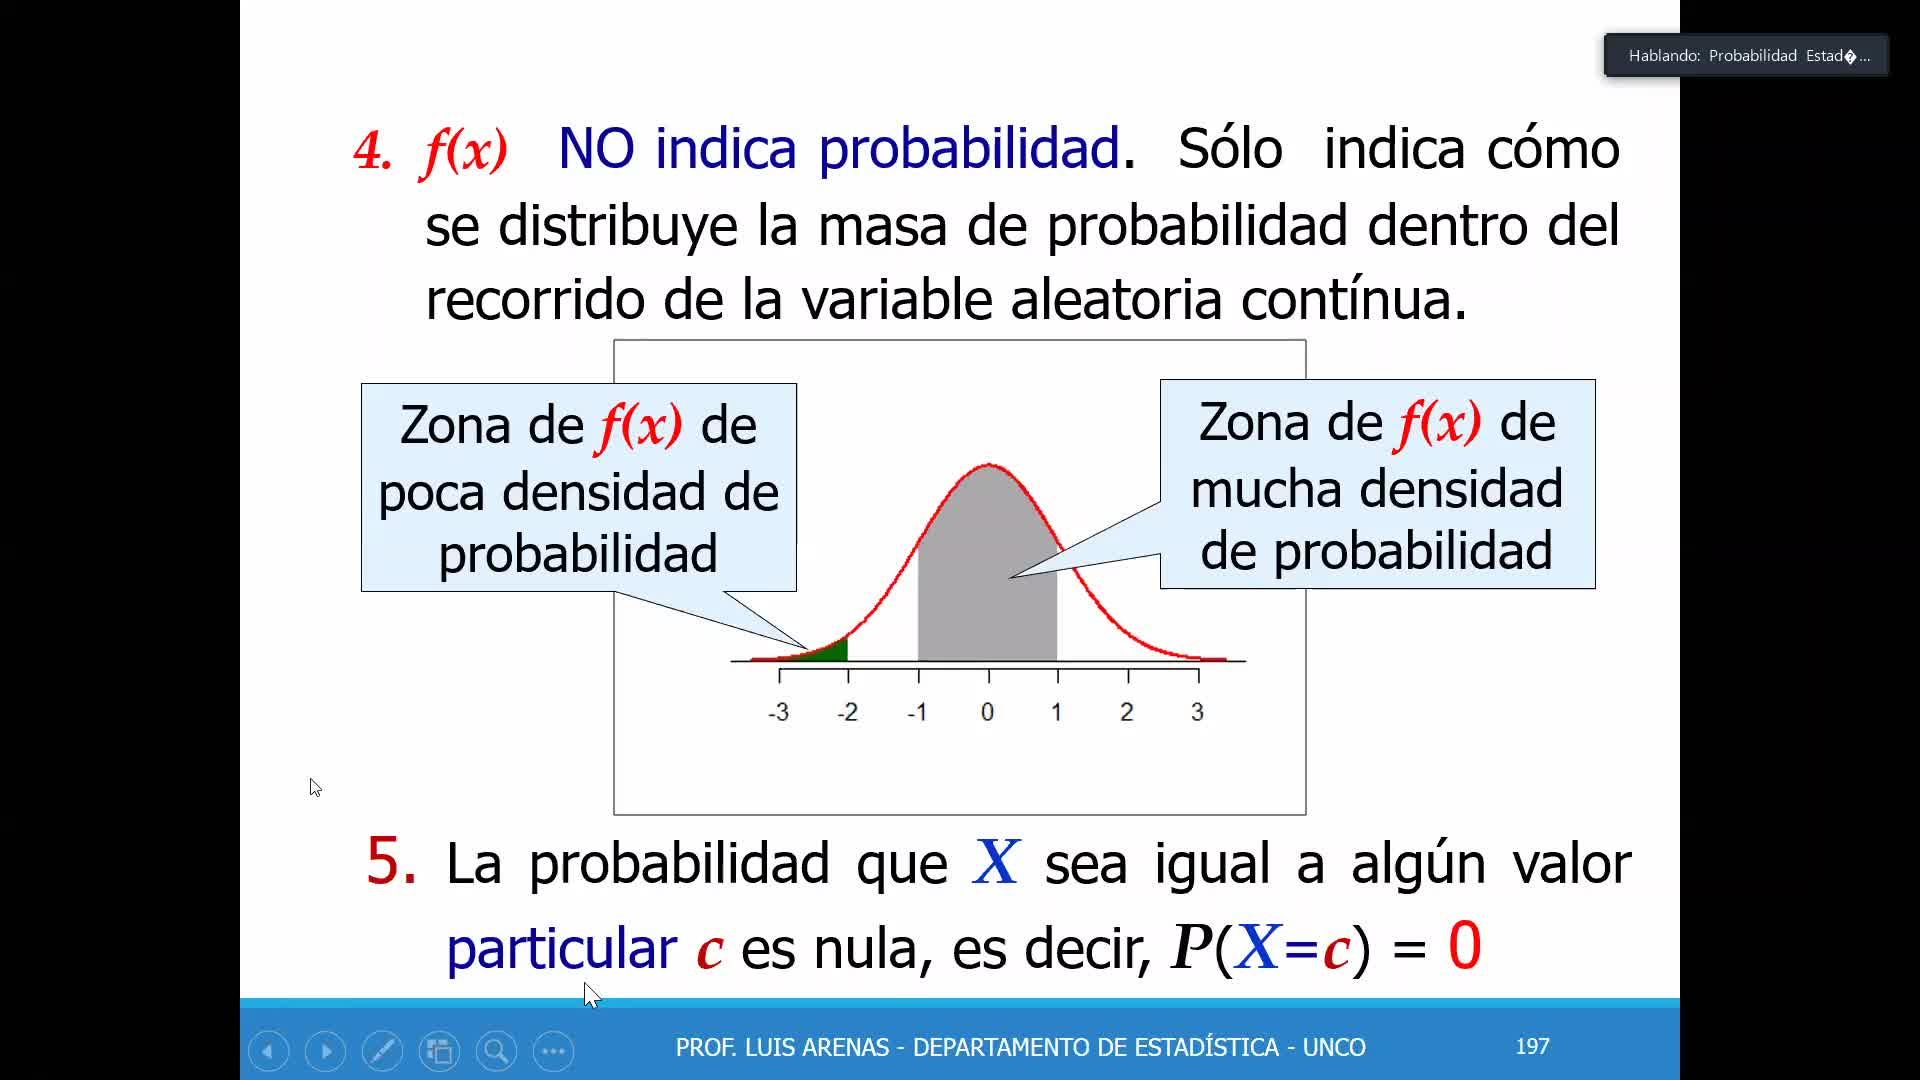 2020-09-10 Estadística Geología - Teoría 4 - Parte 2